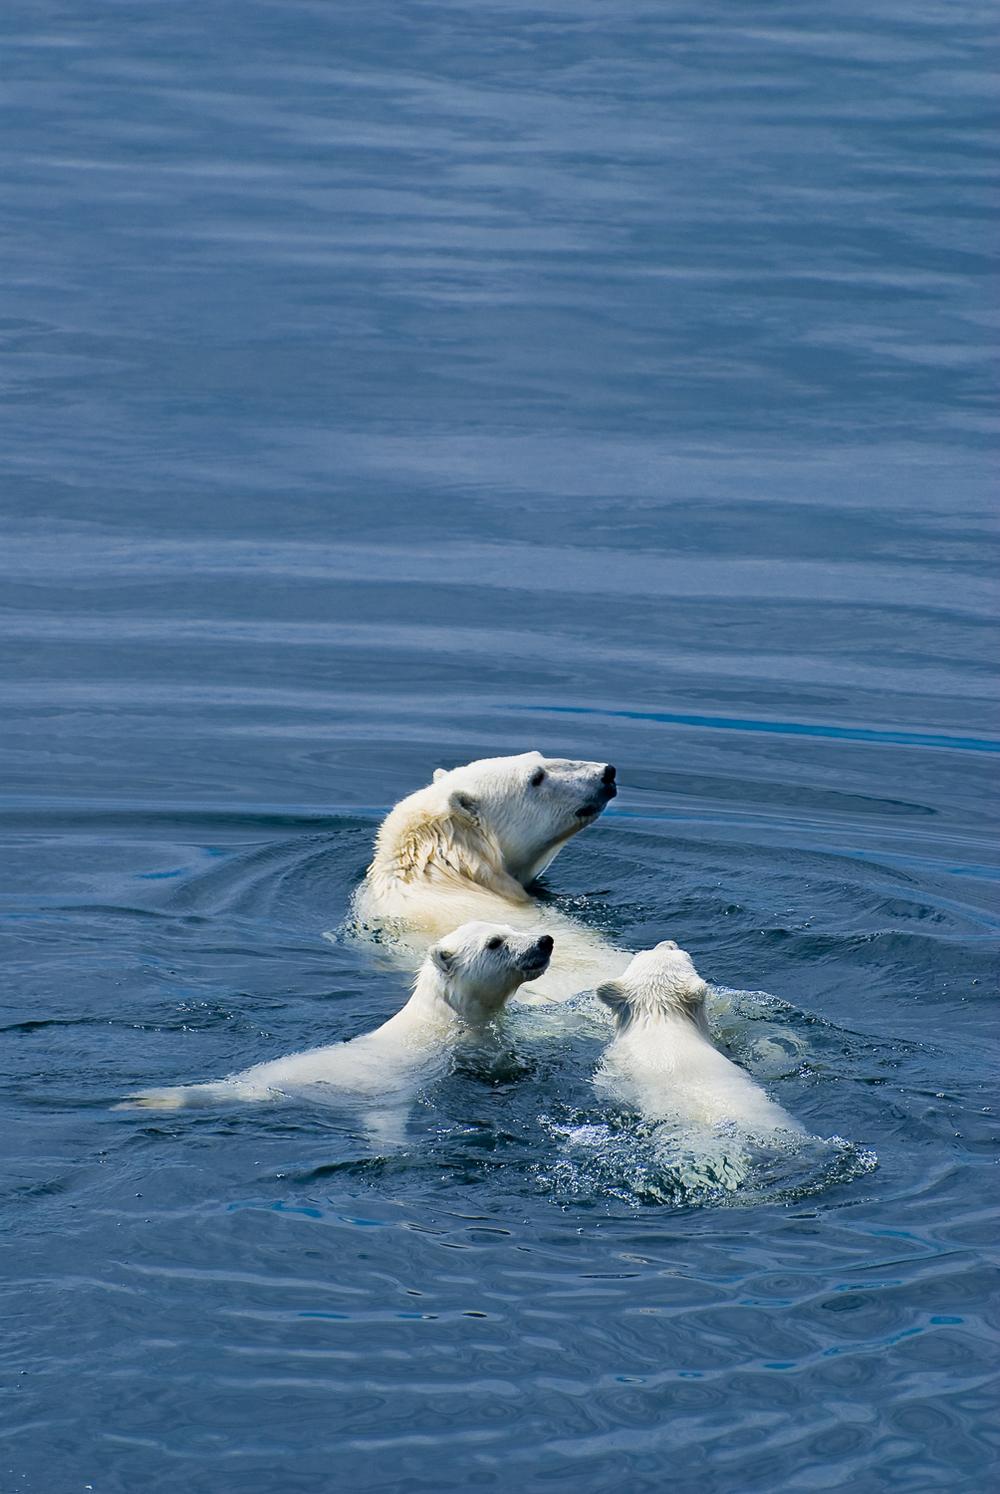 Polar Bear Mother and Cubs at Sea - Nunavut, Canadian Arctic